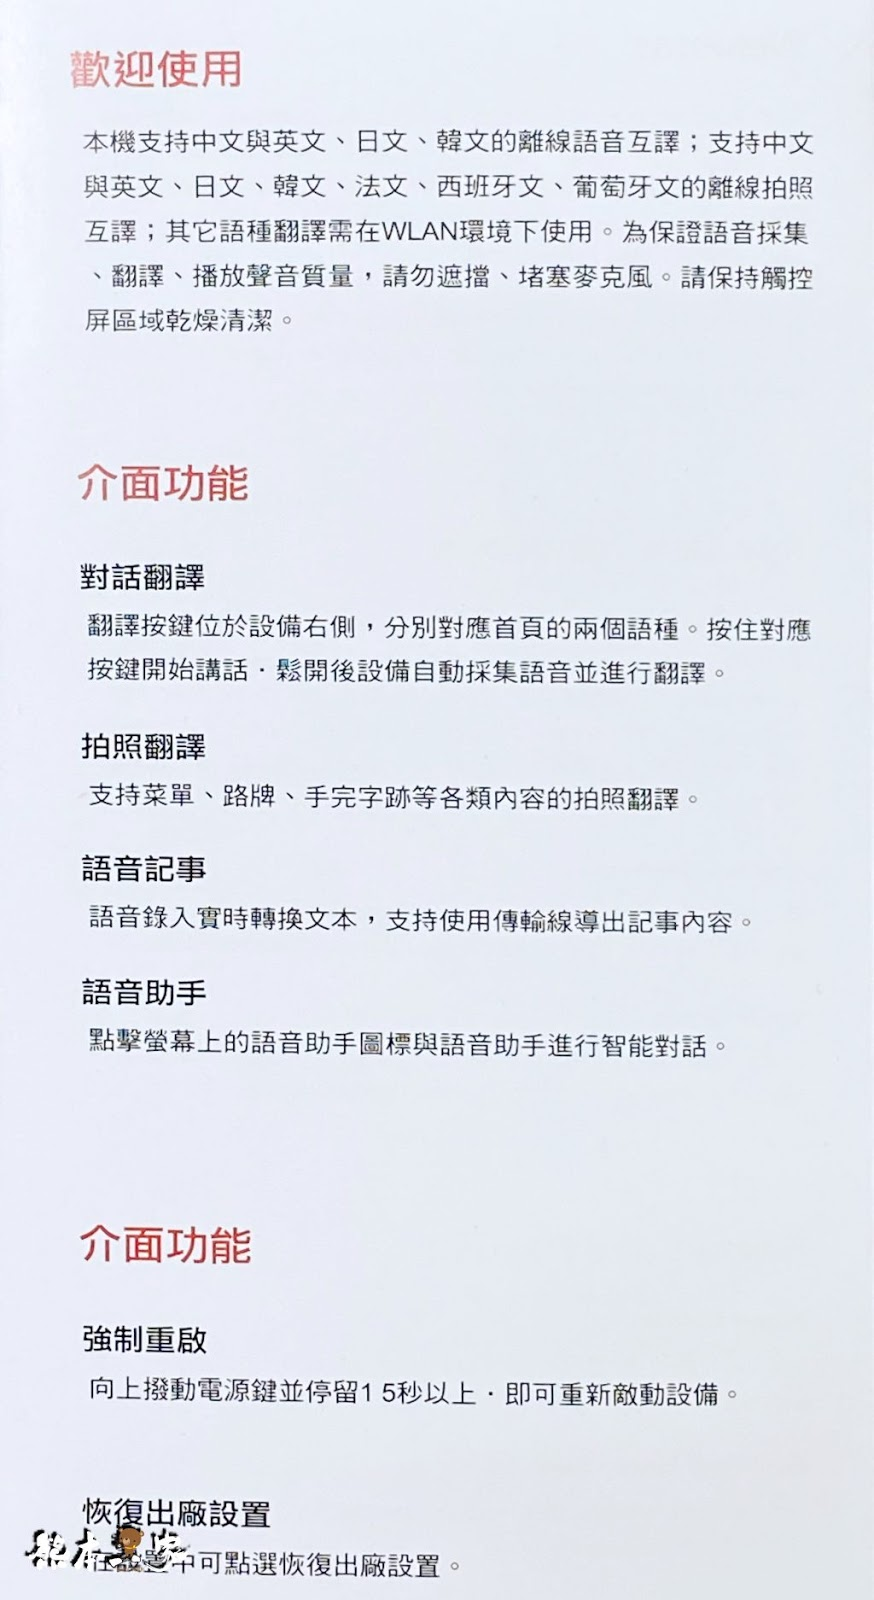 旺德第三代蛋蛋PRO版離線翻譯機使用說明書|放大清晰版詳細中文分類資訊